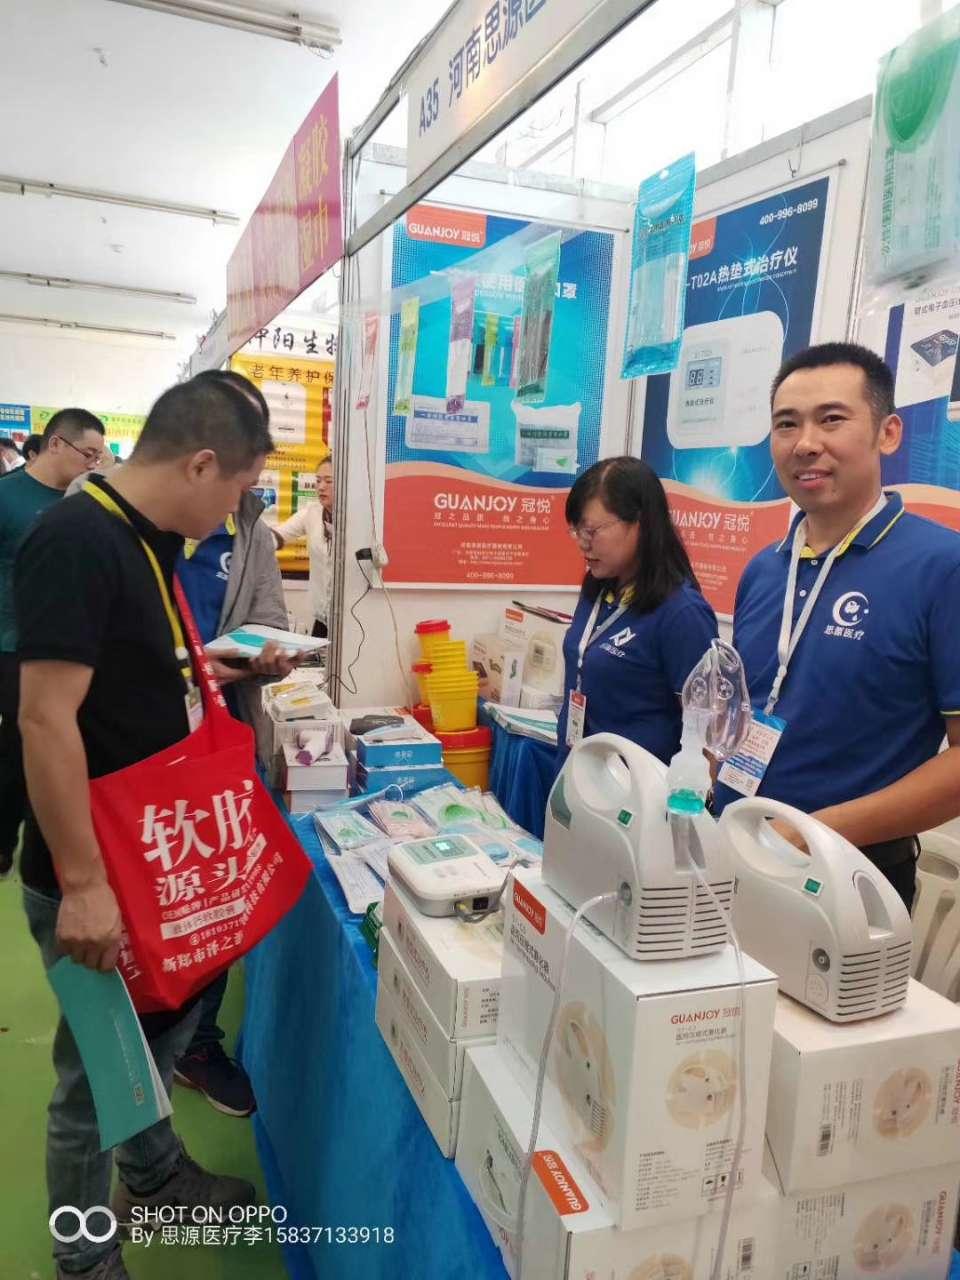 武汉乐动体育投注展:2019消防产品与应急救援装备展览会!